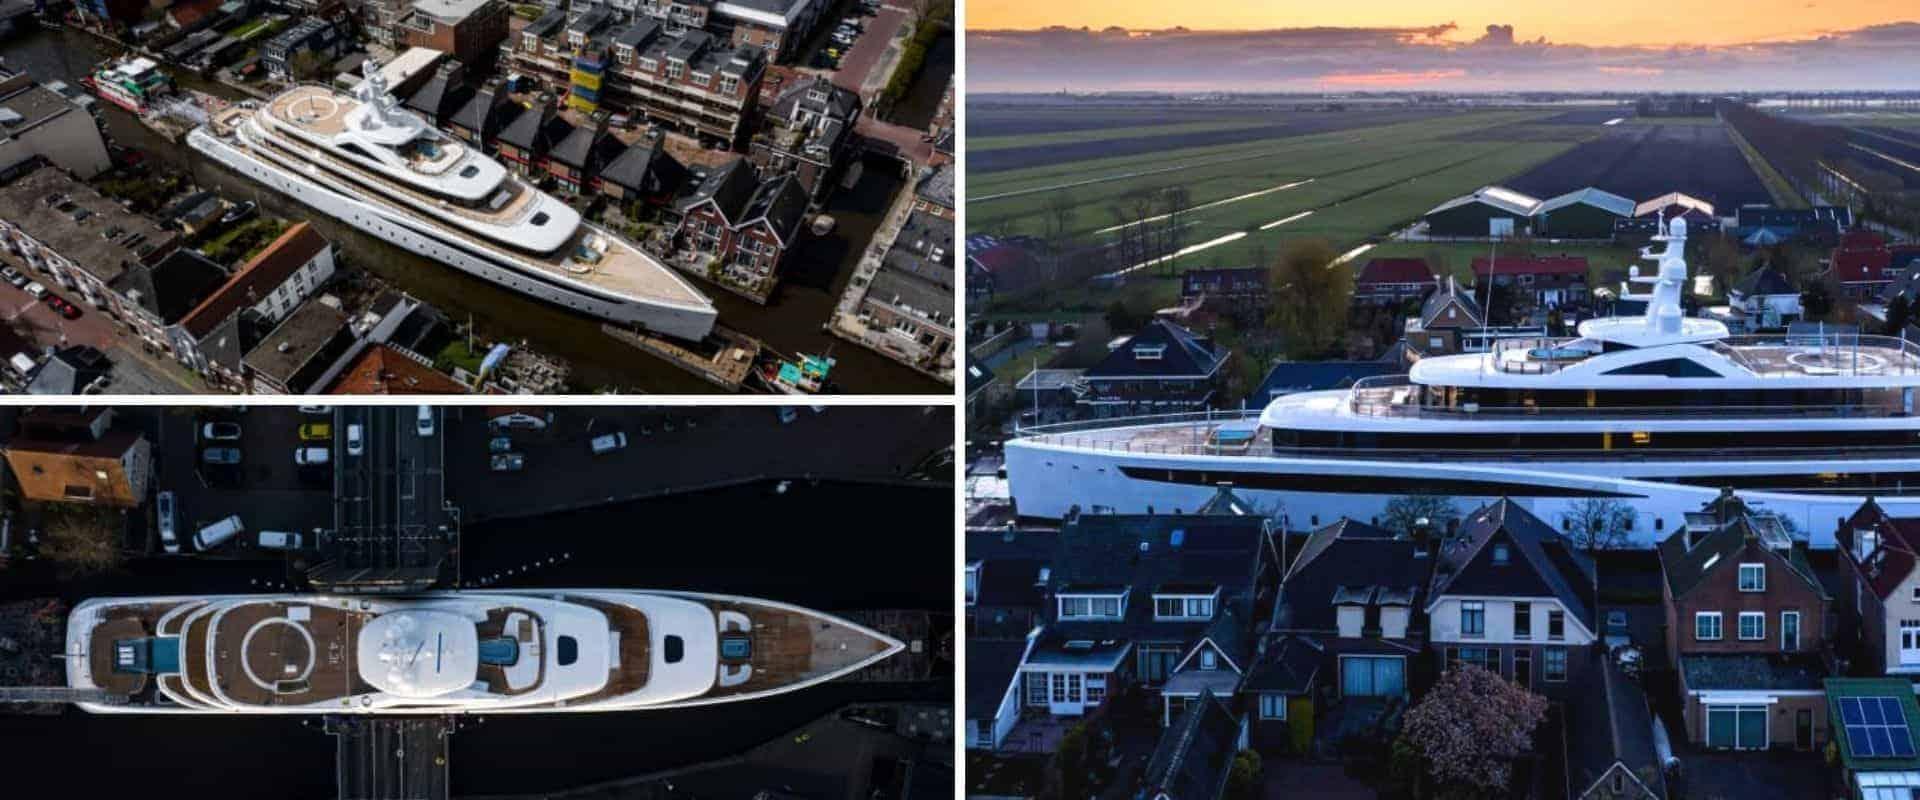 Un superyate recorrió los angostos canales de Países Bajos